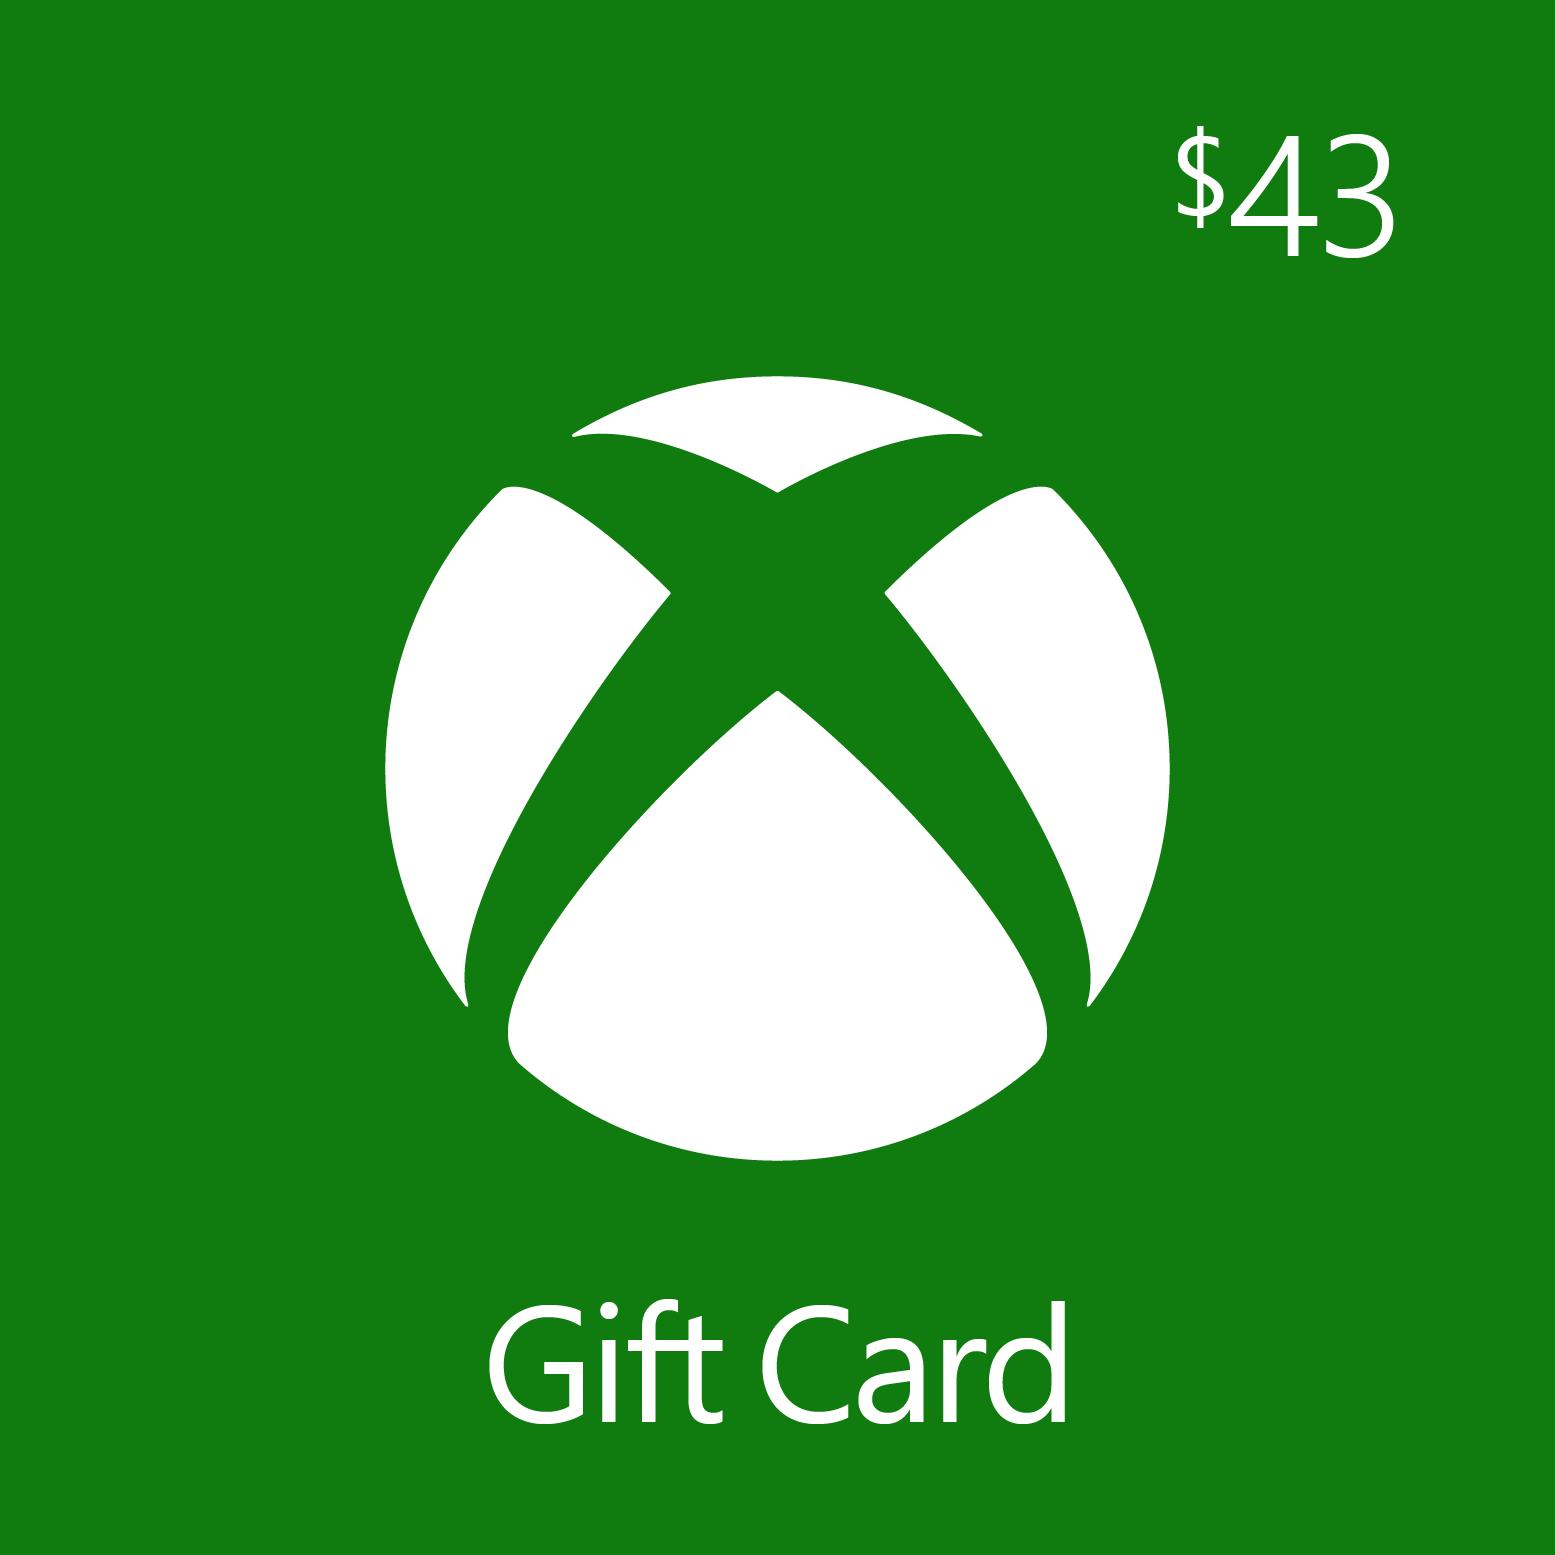 $43.00 Xbox Digital Gift Card